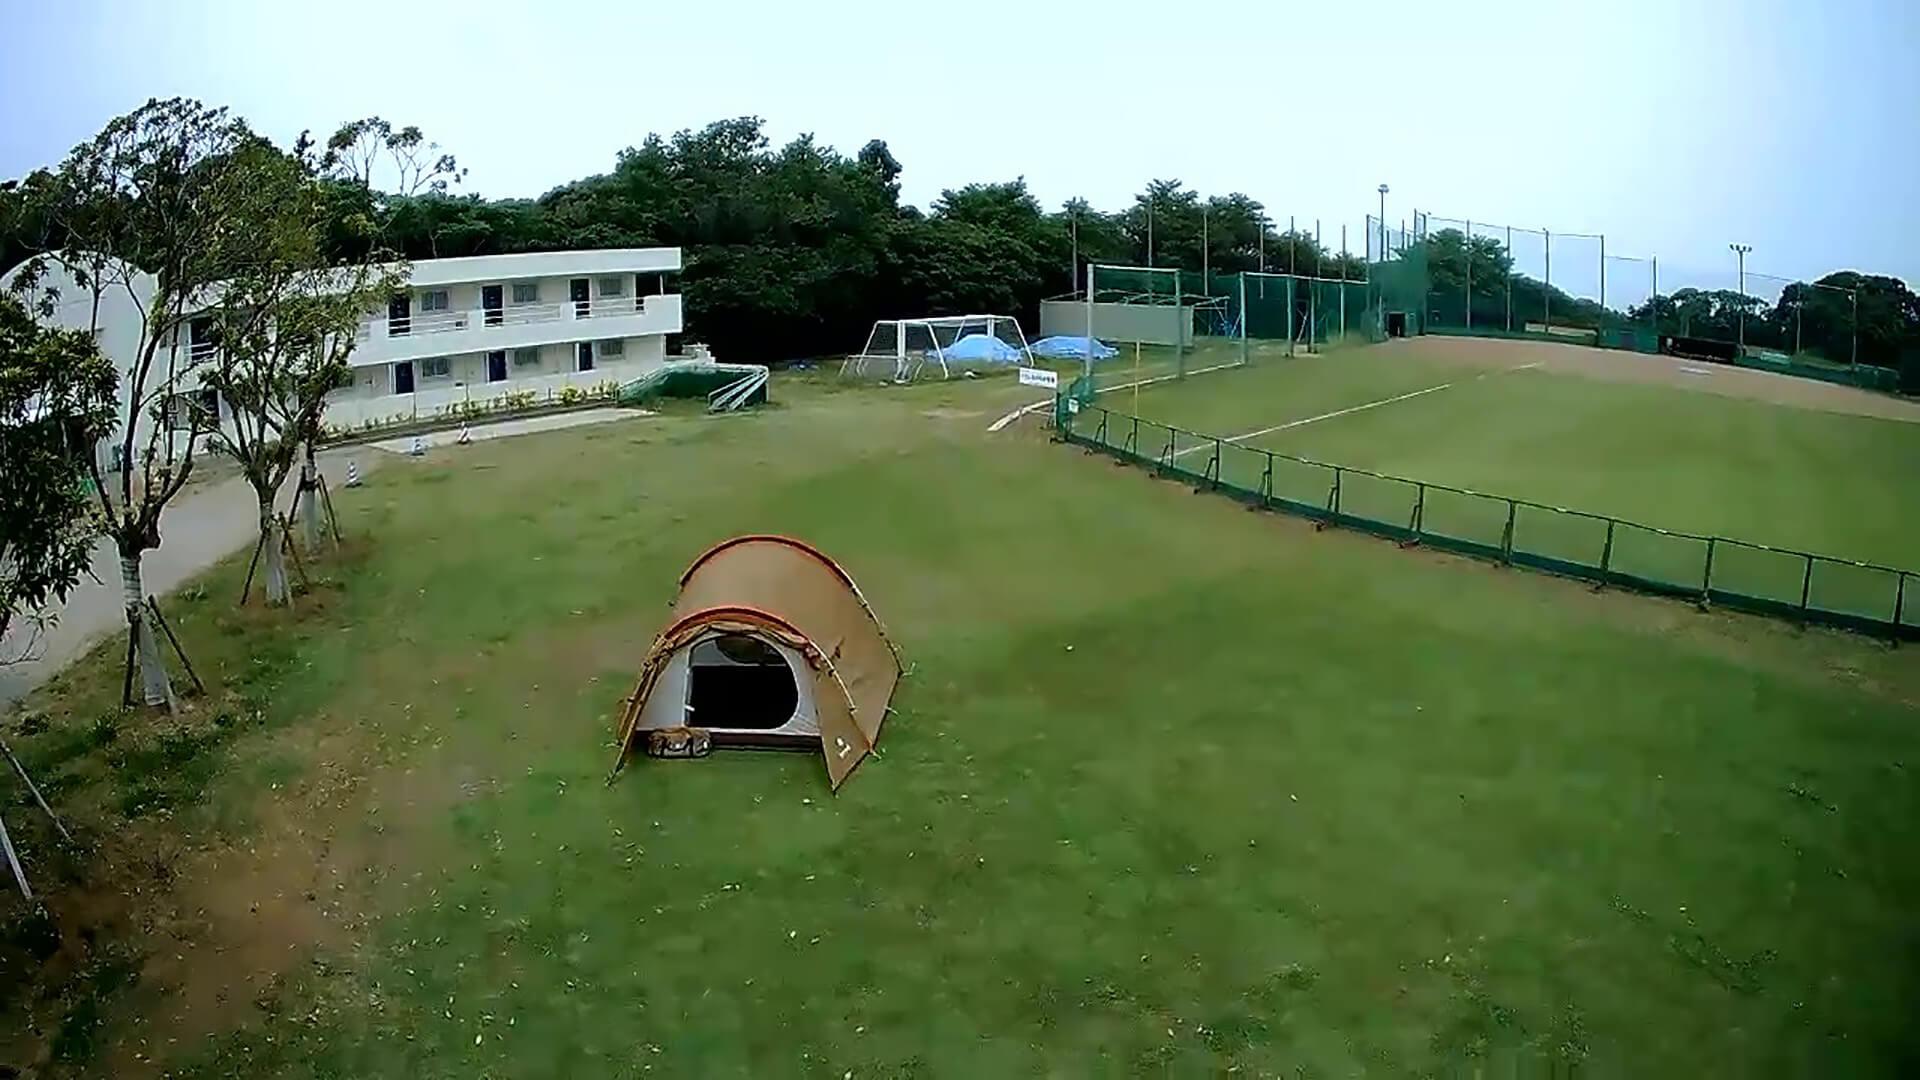 銚子スポーツタウン『外野でキャンプ』